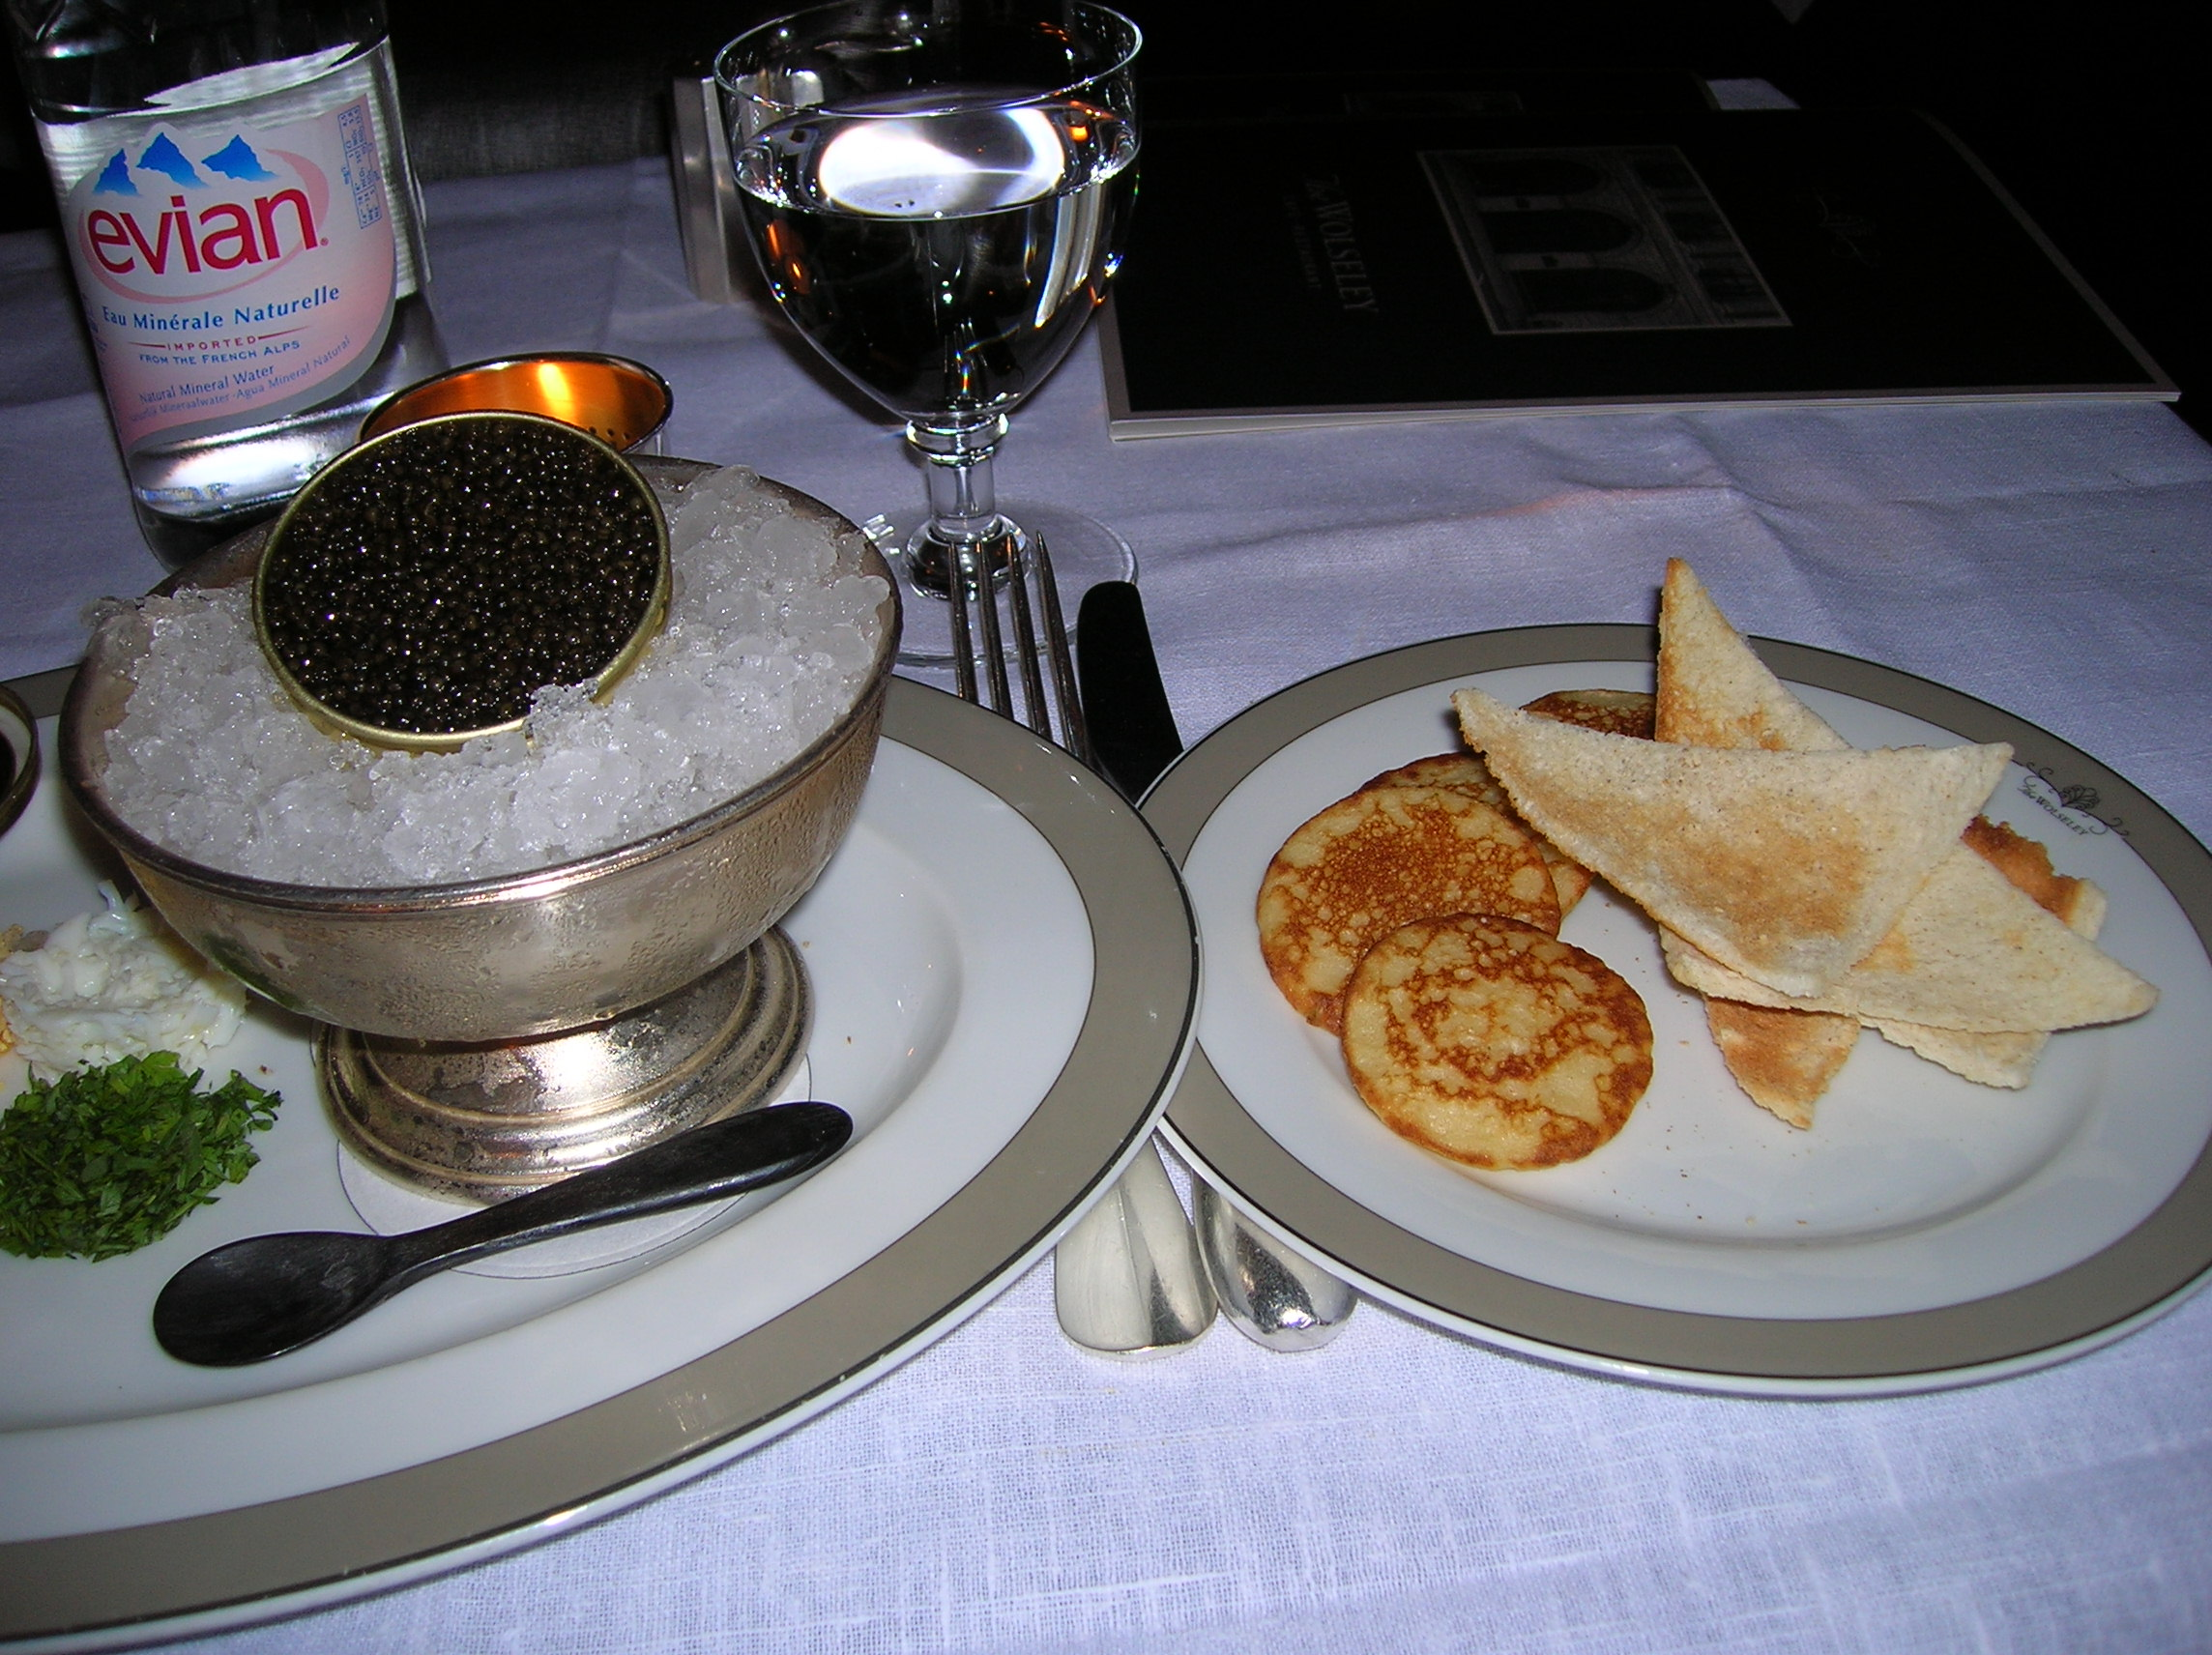 Food Served At Restaurants